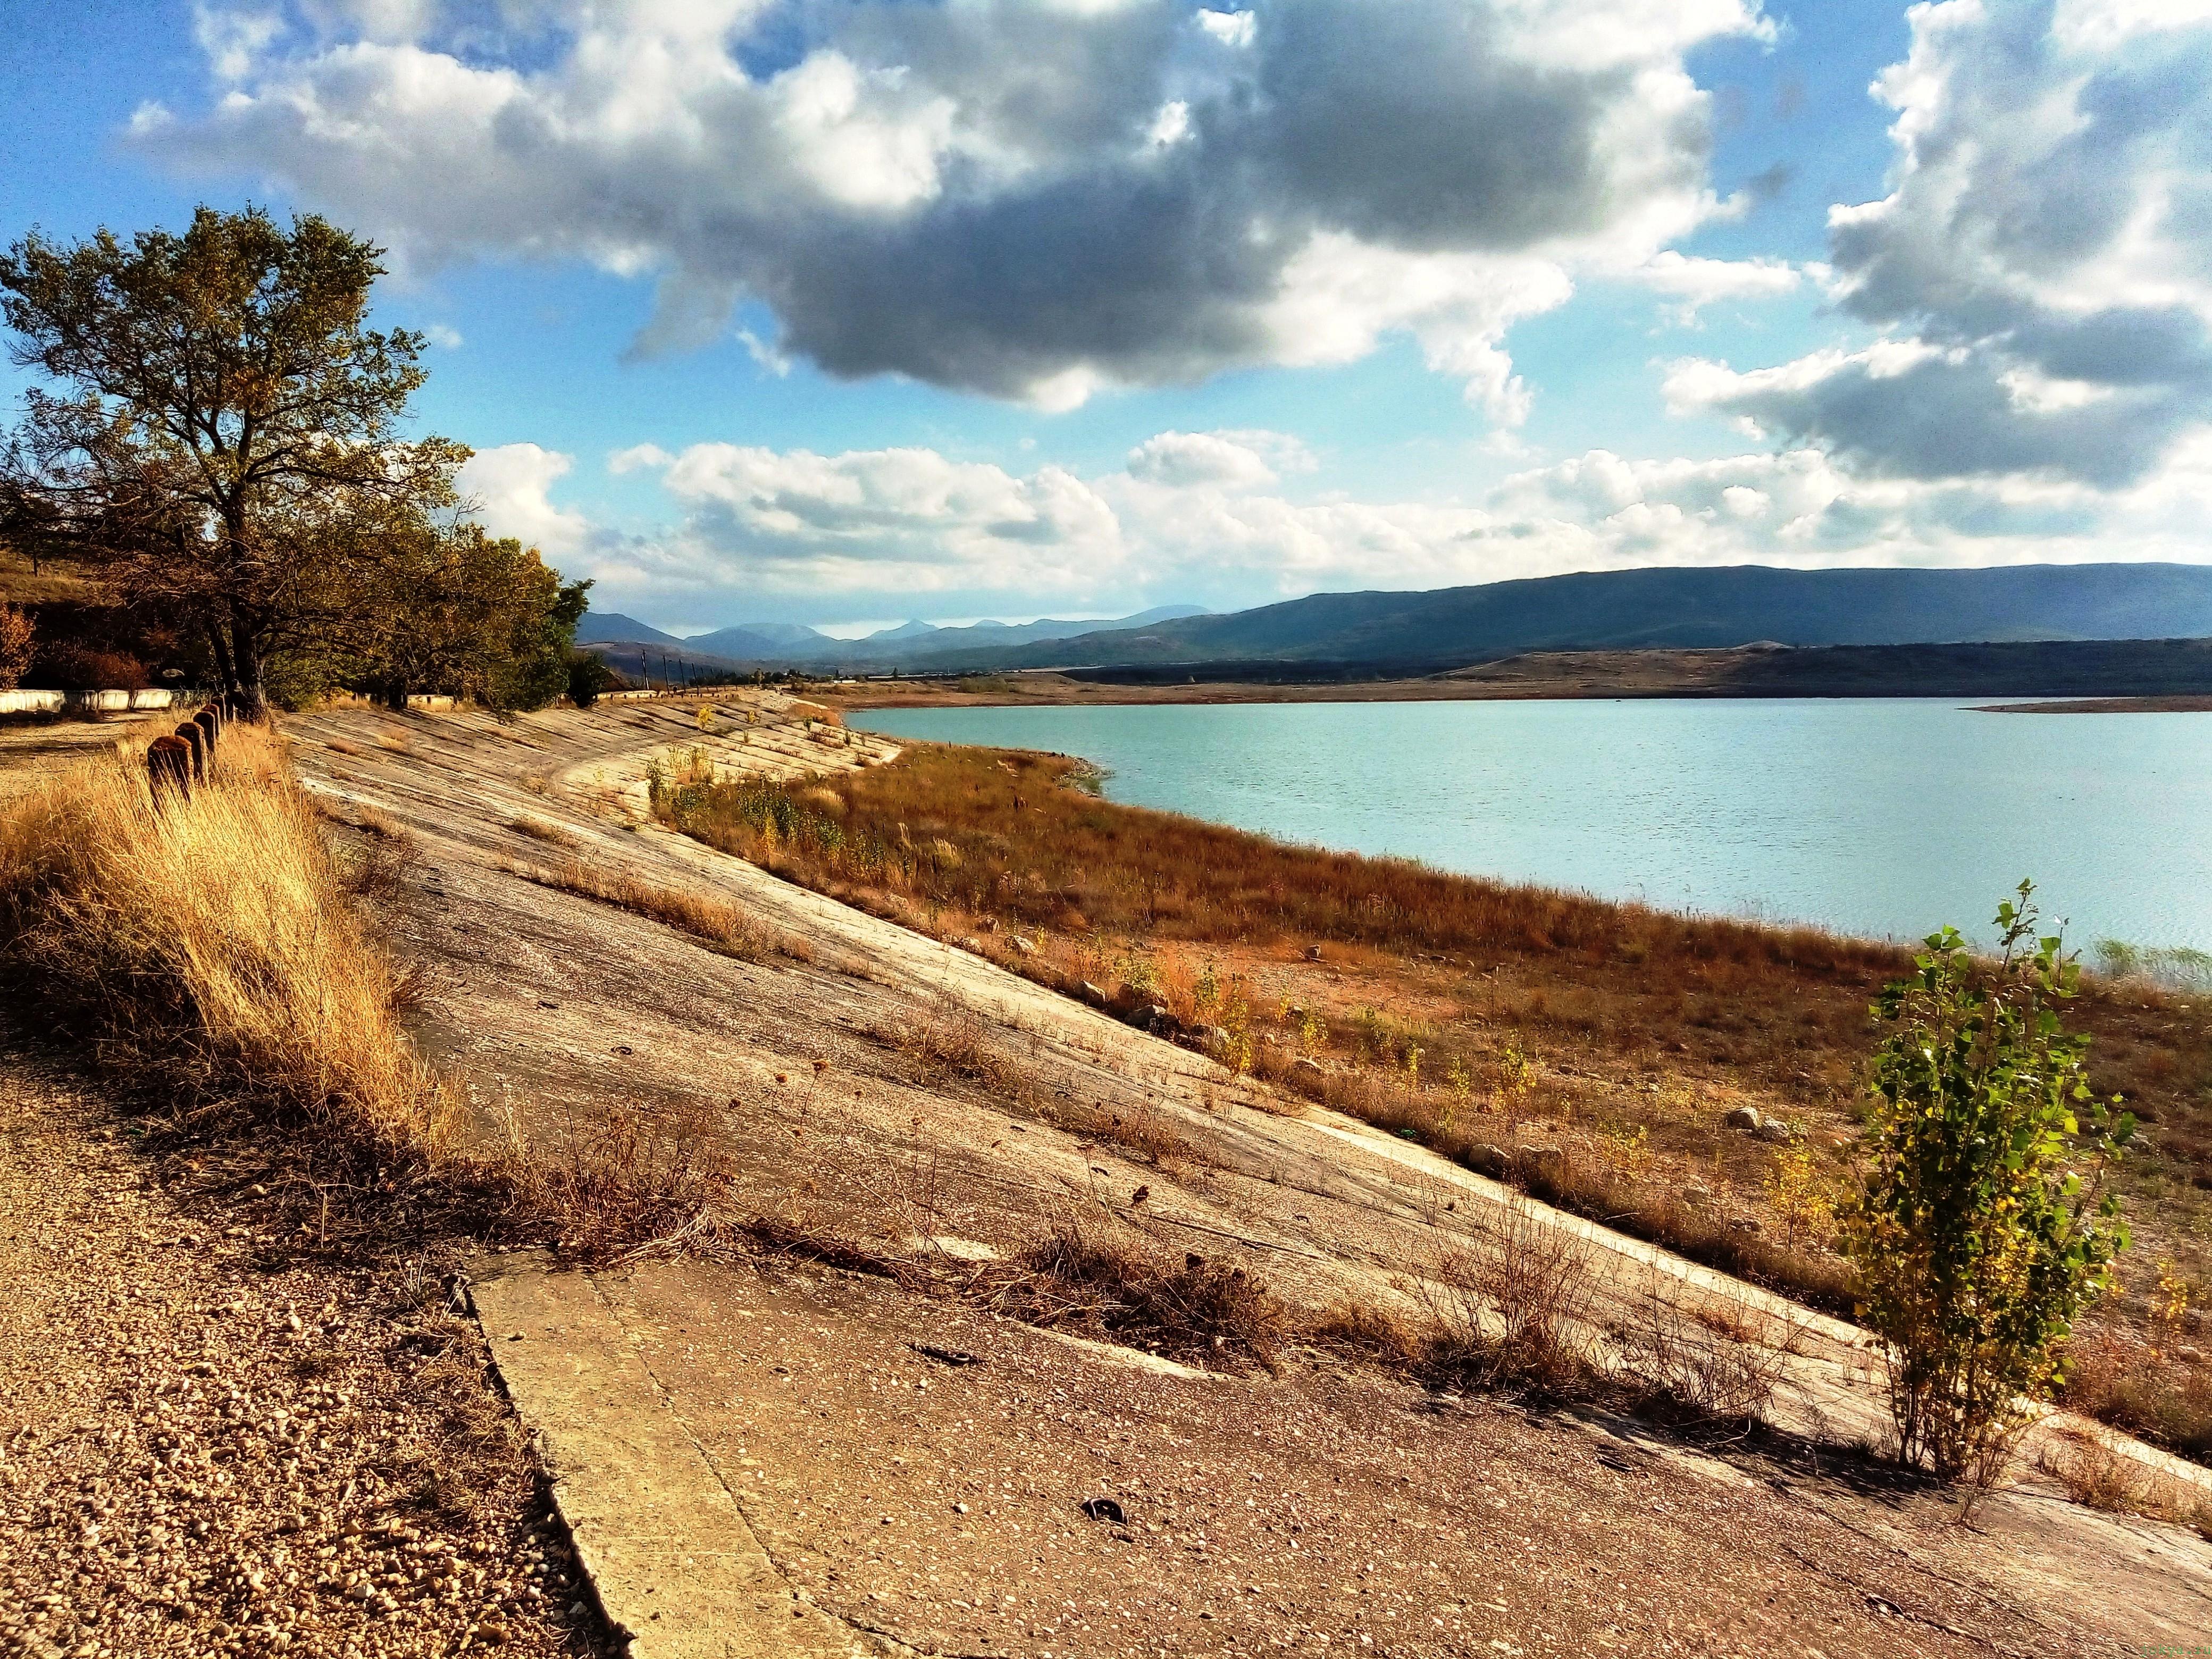 Ловля окуня на поплавок: Тайган фото заметка о моей реальности в Крыму jokya.ru